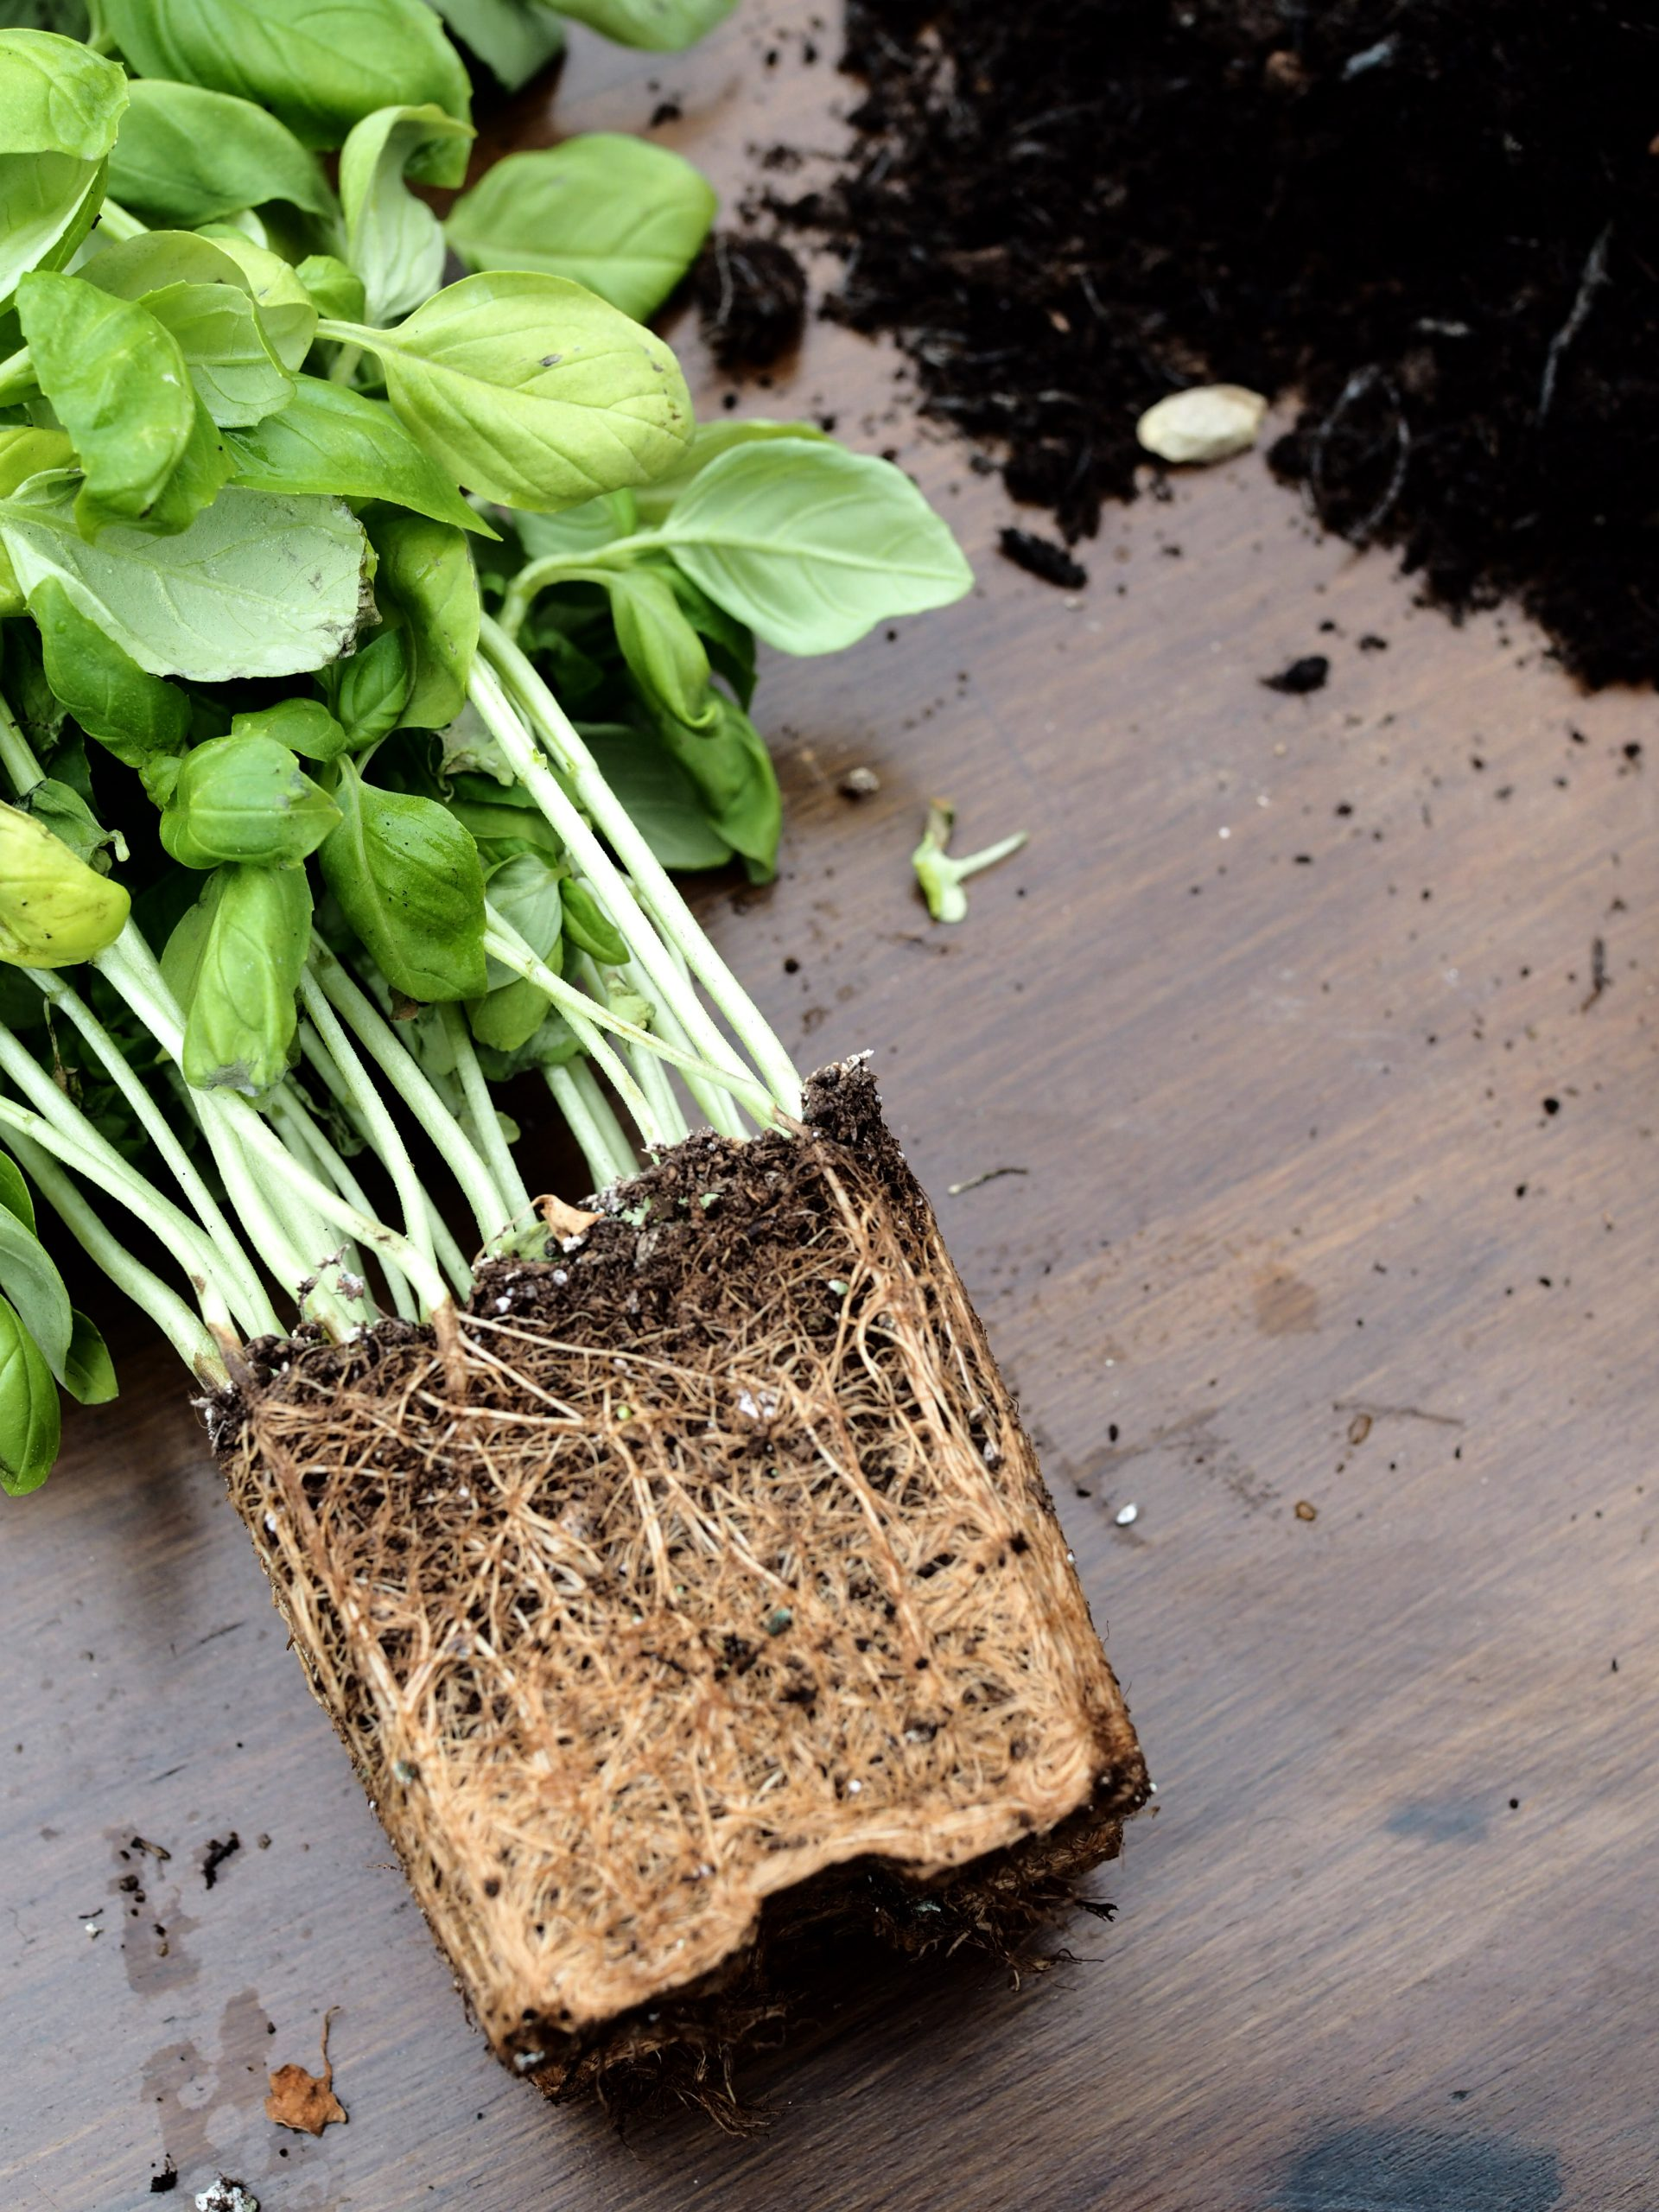 How To Make Supermarket Basil Last Longer